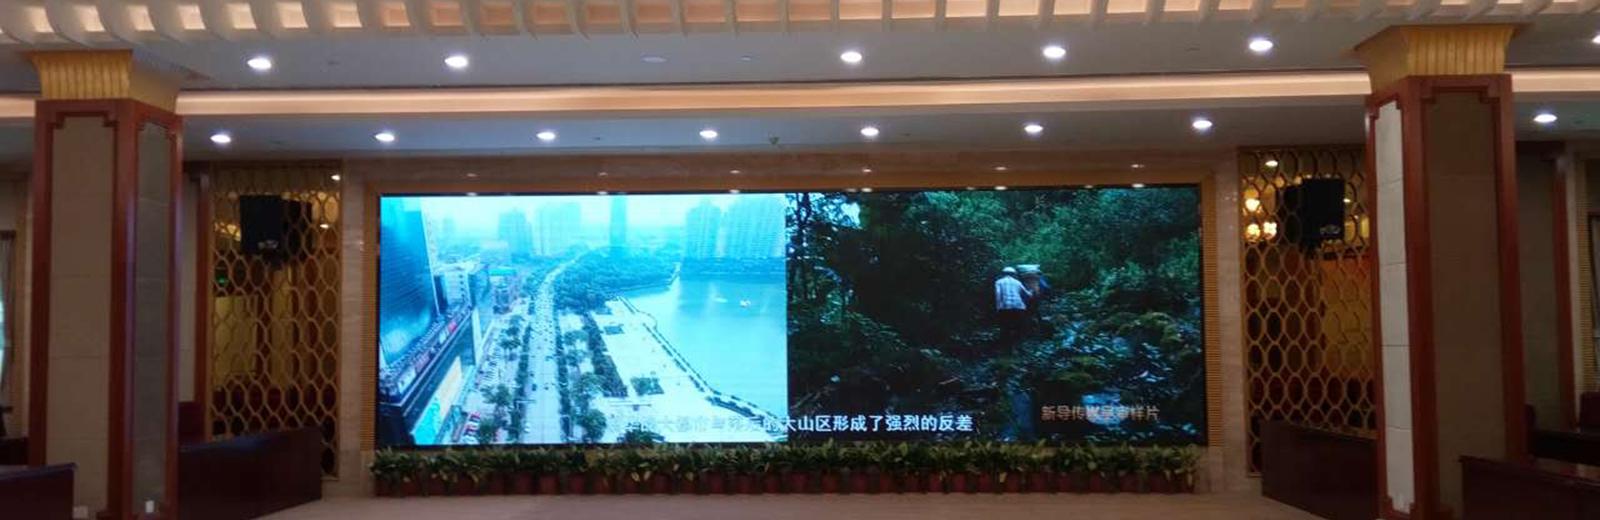 投影仪公司|武汉LED显示屏|武汉市长信鸿诚有限公司